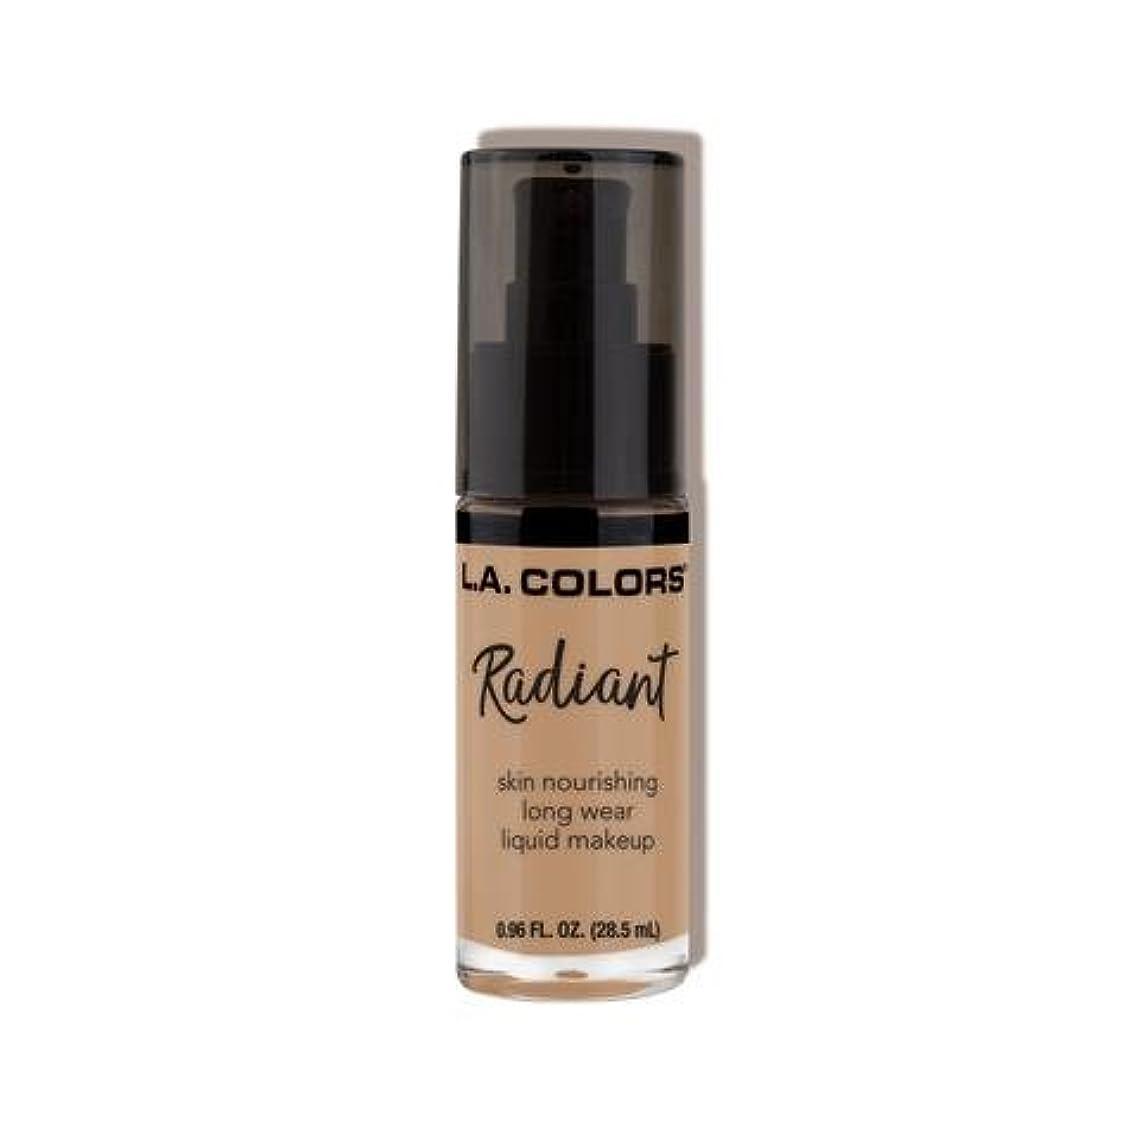 殺人人形お風呂を持っている(6 Pack) L.A. COLORS Radiant Liquid Makeup - Medium Beige (並行輸入品)